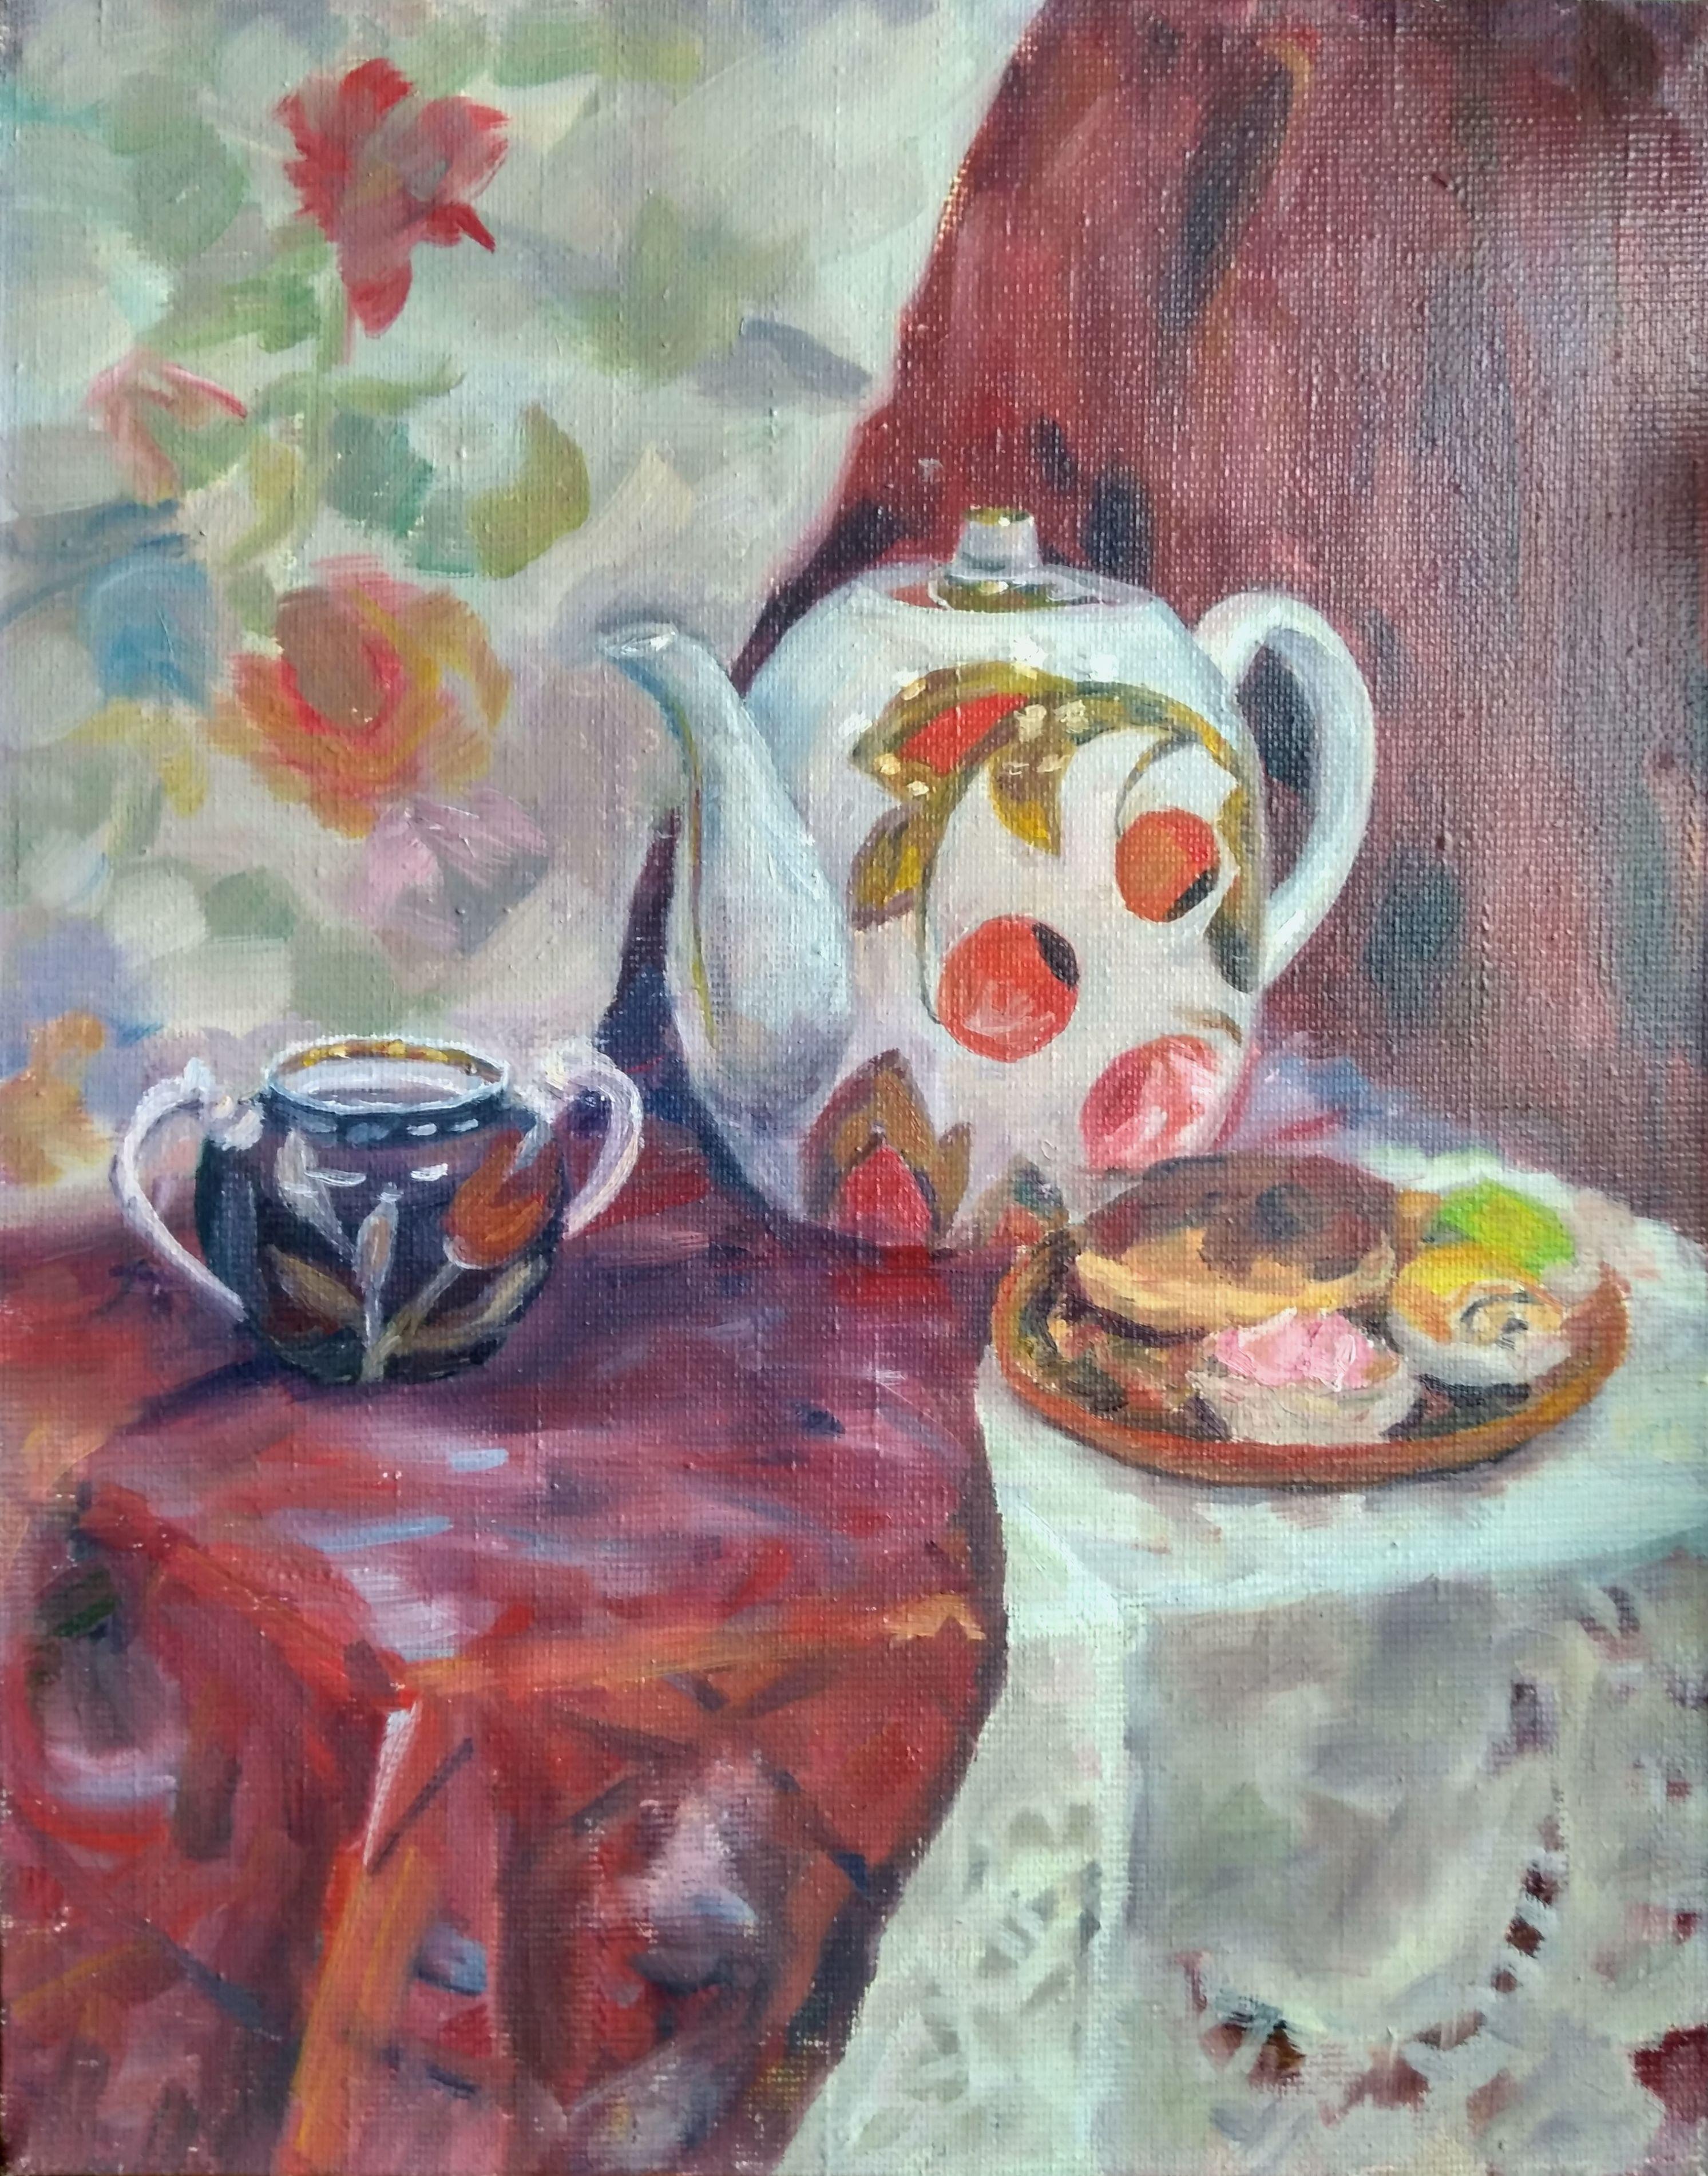 десерт масло на деревня натюрморт лен чай тепло коралловый живопись холст маслянные подрамнике бабушка краски